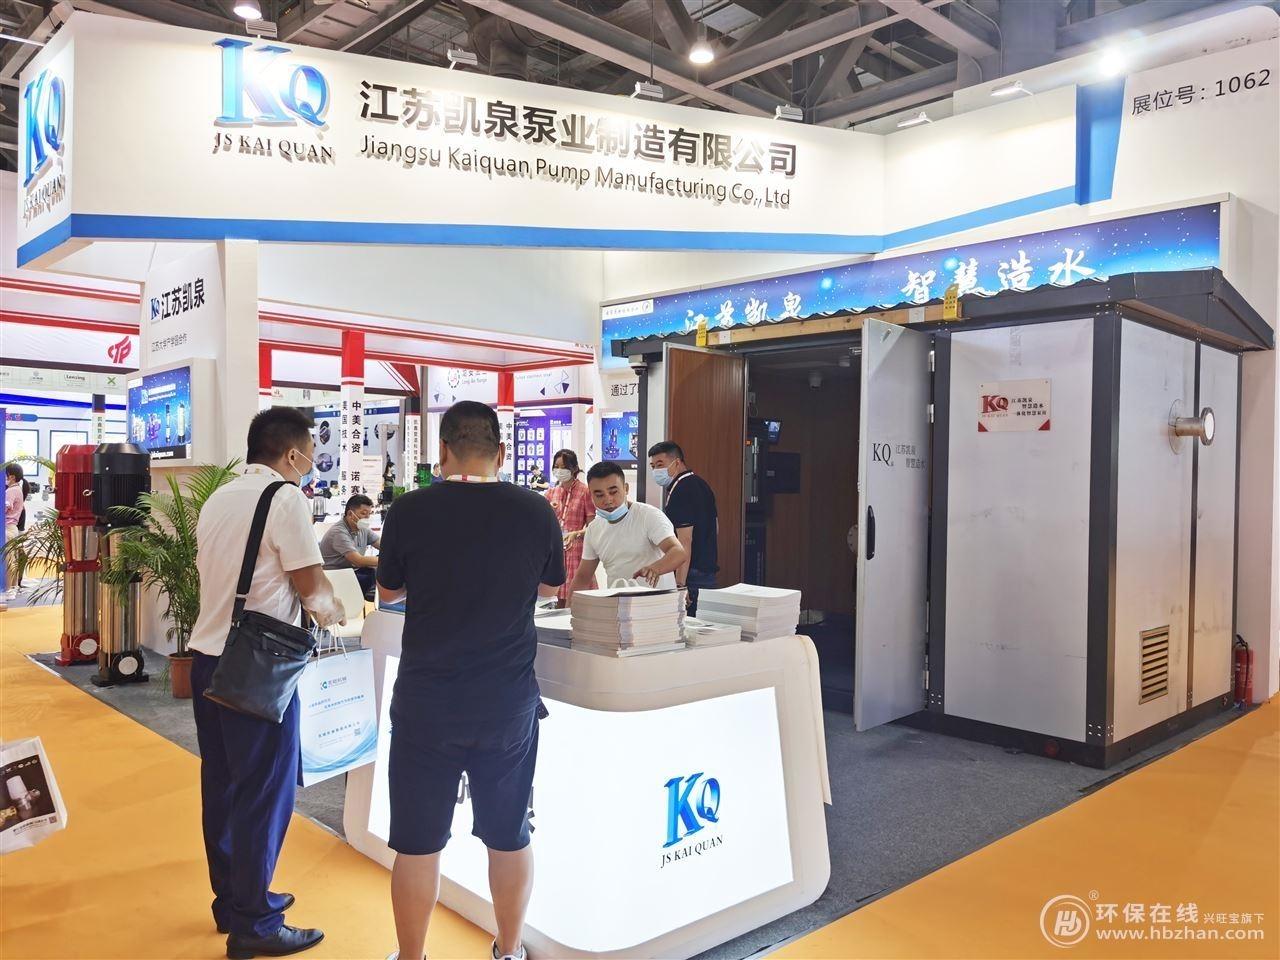 为泵持续赋能 江苏凯泉多系列产品矩阵已形成——江苏凯泉亮相2020广东国际水展